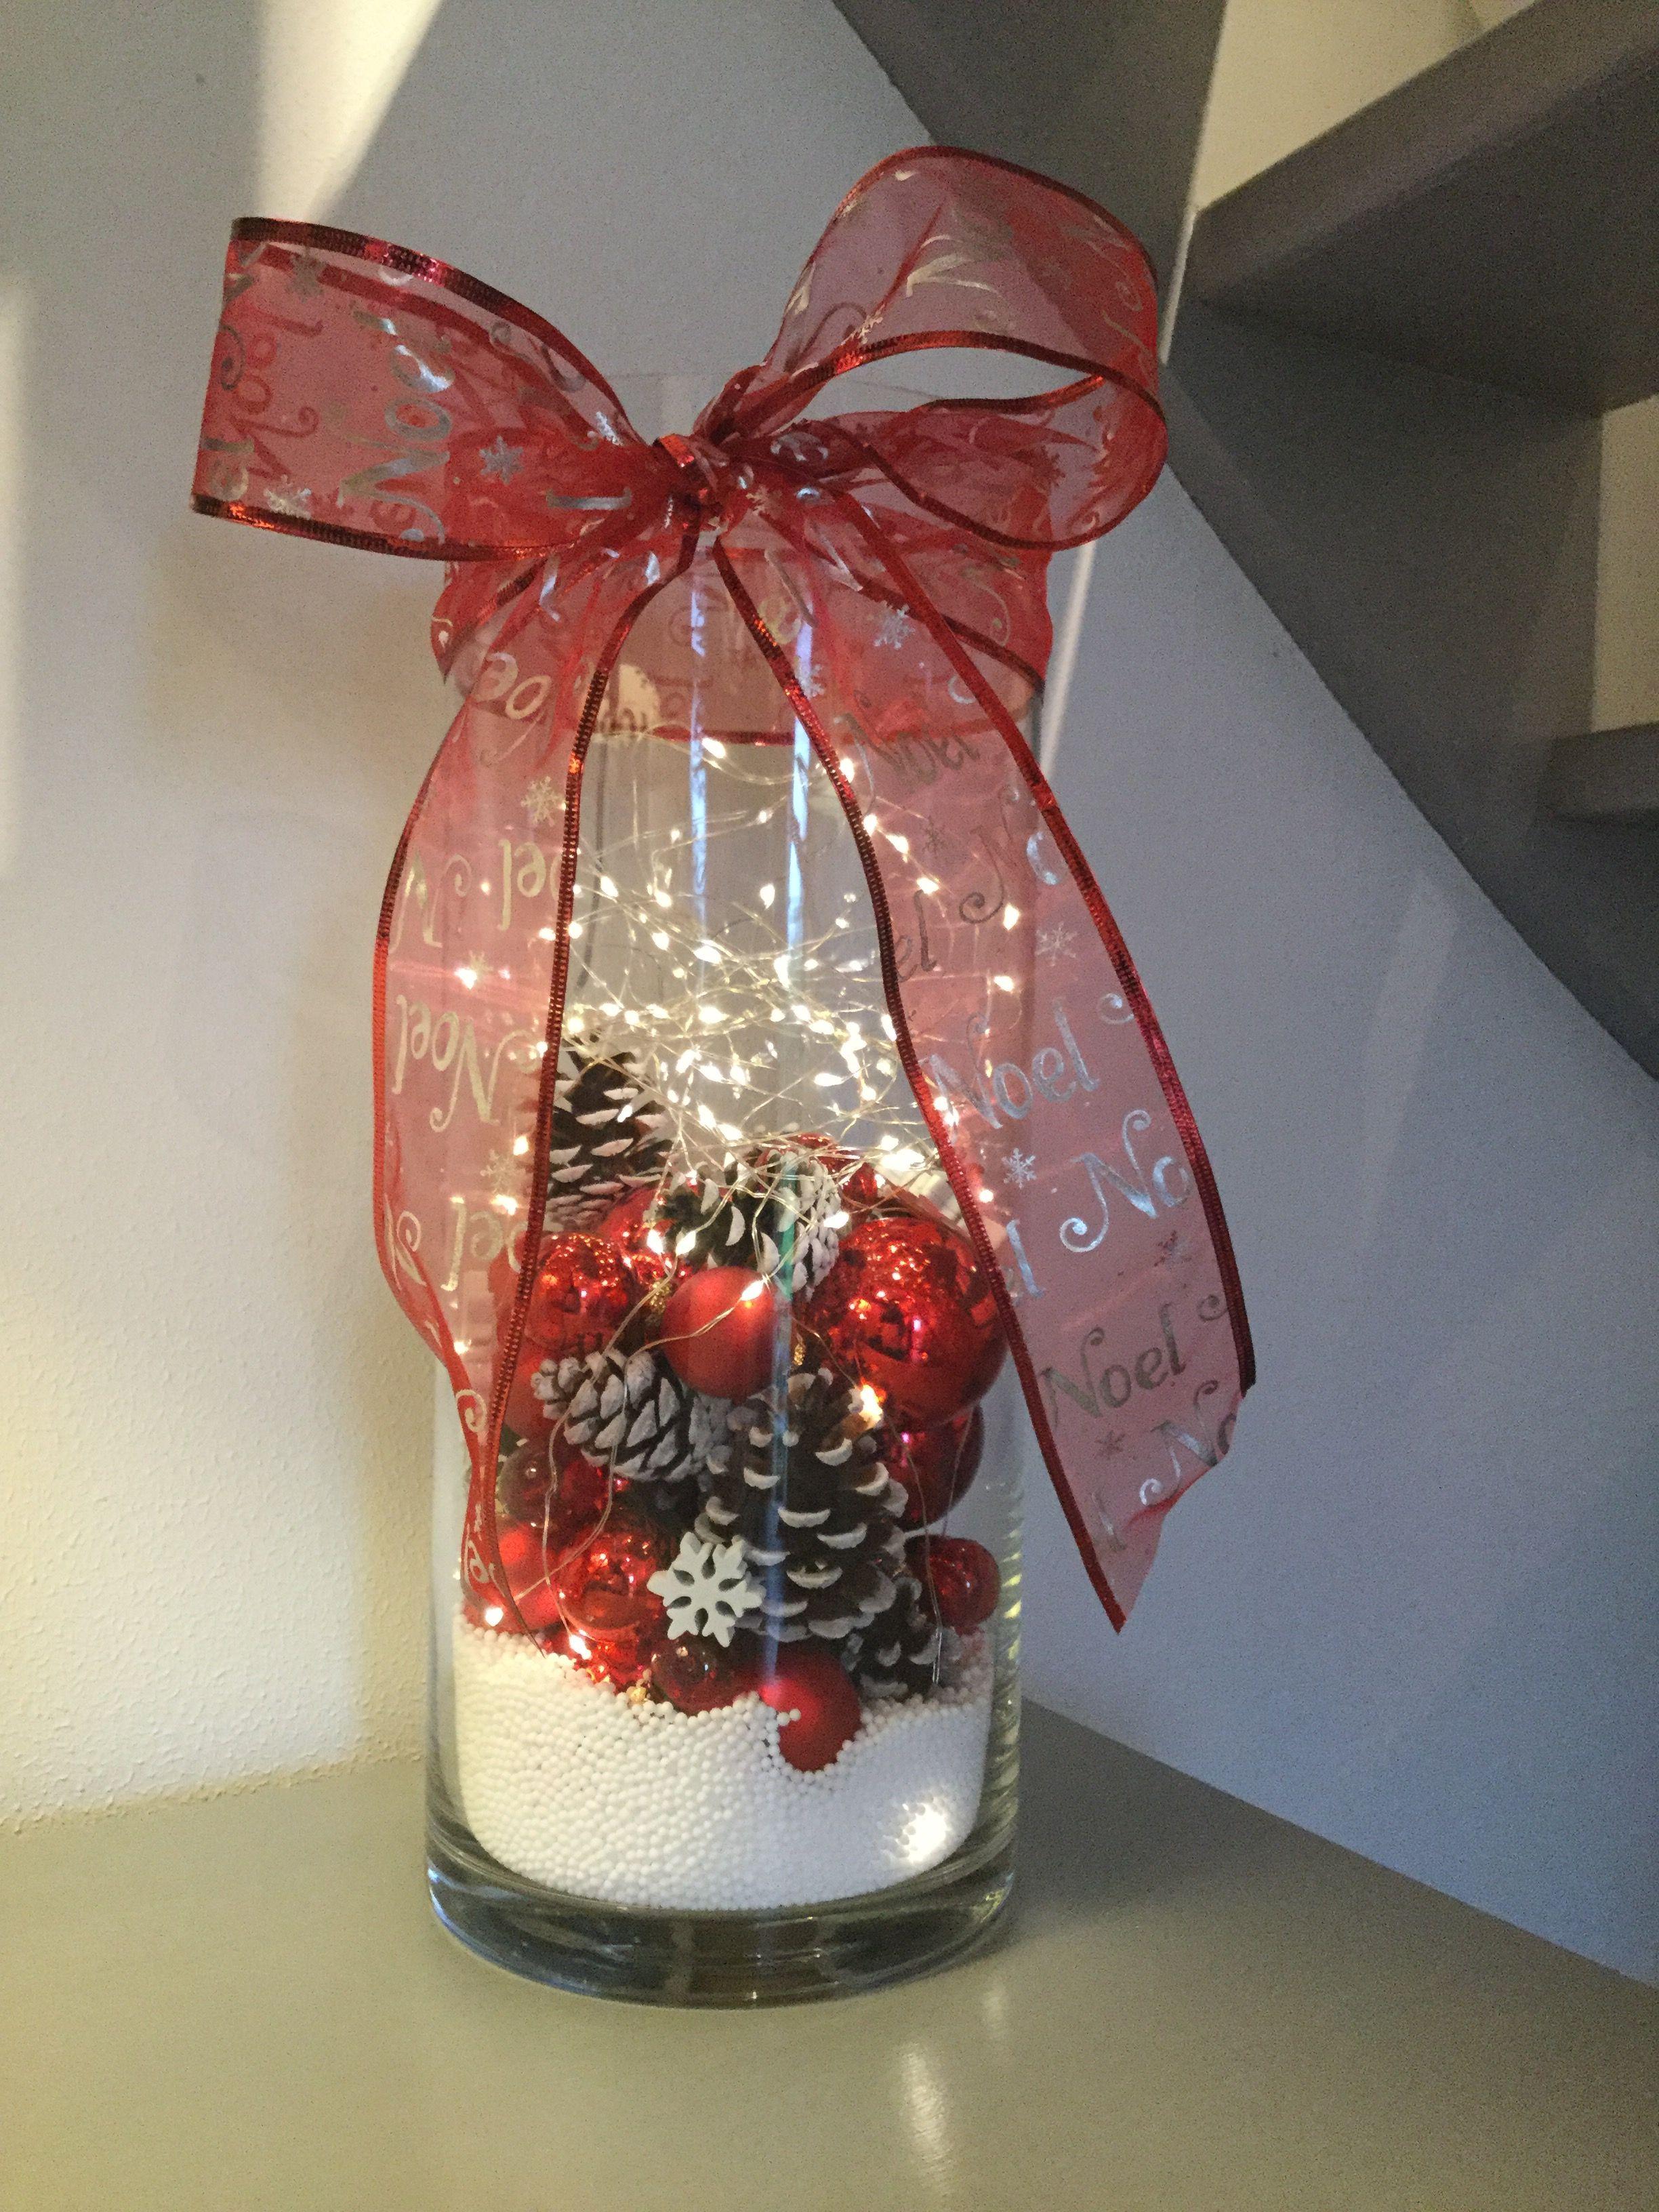 Vase garnie avec des perles de polystyrène, des pommes de pin, une